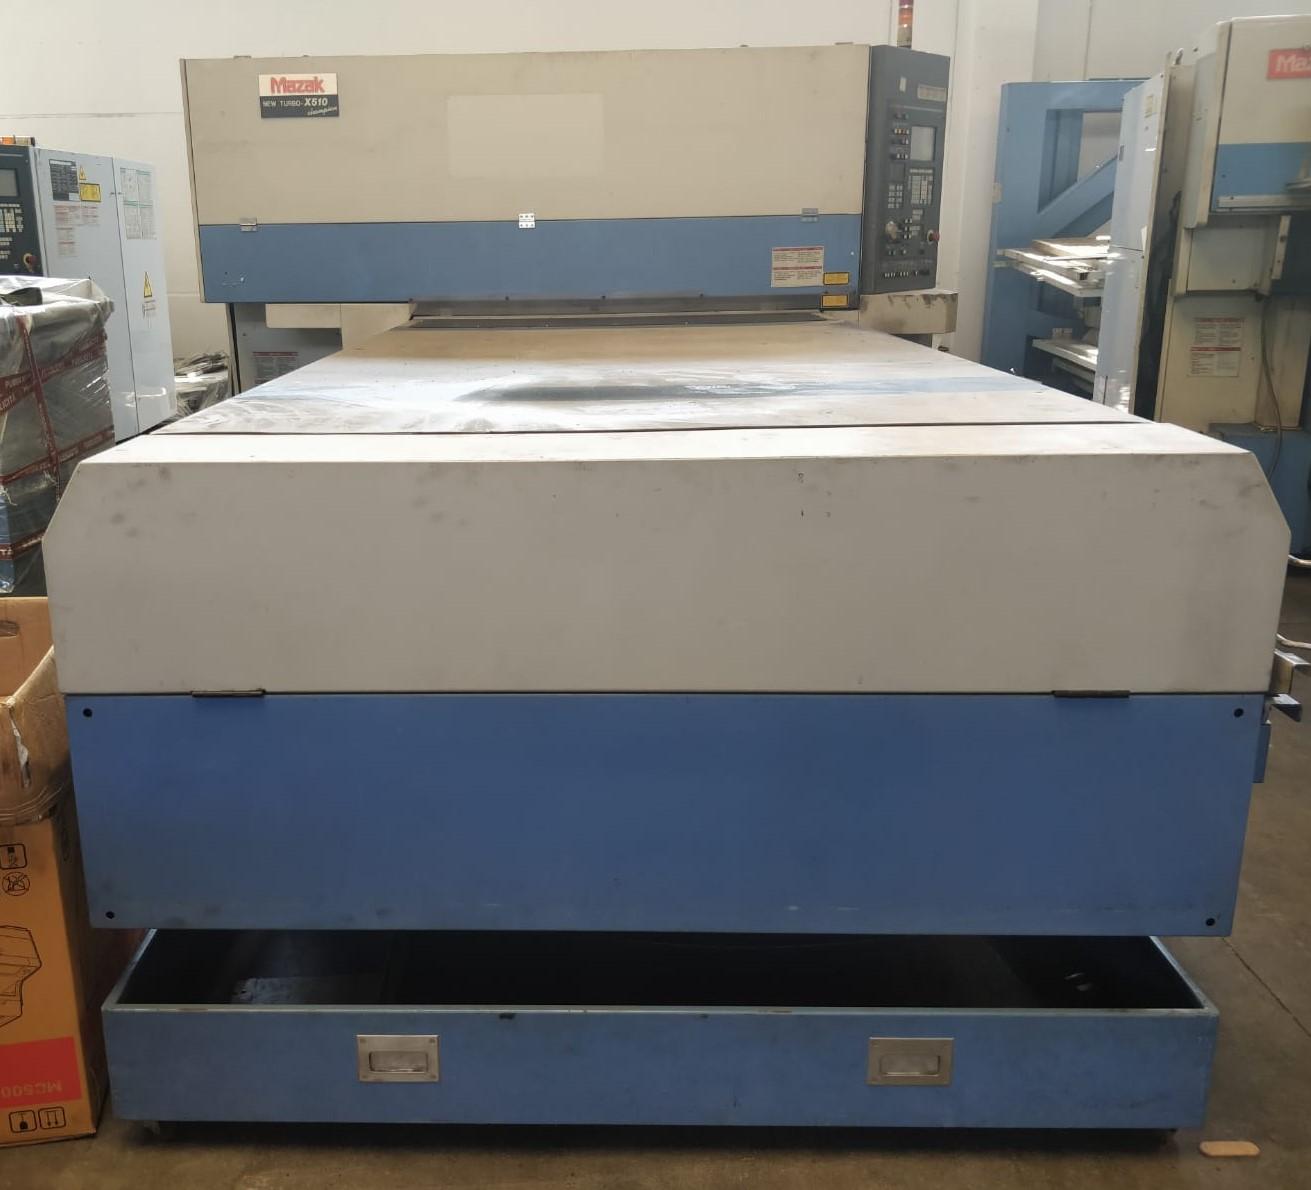 Taglio laser Mazak New Turbo X 510 in vendita - foto 3